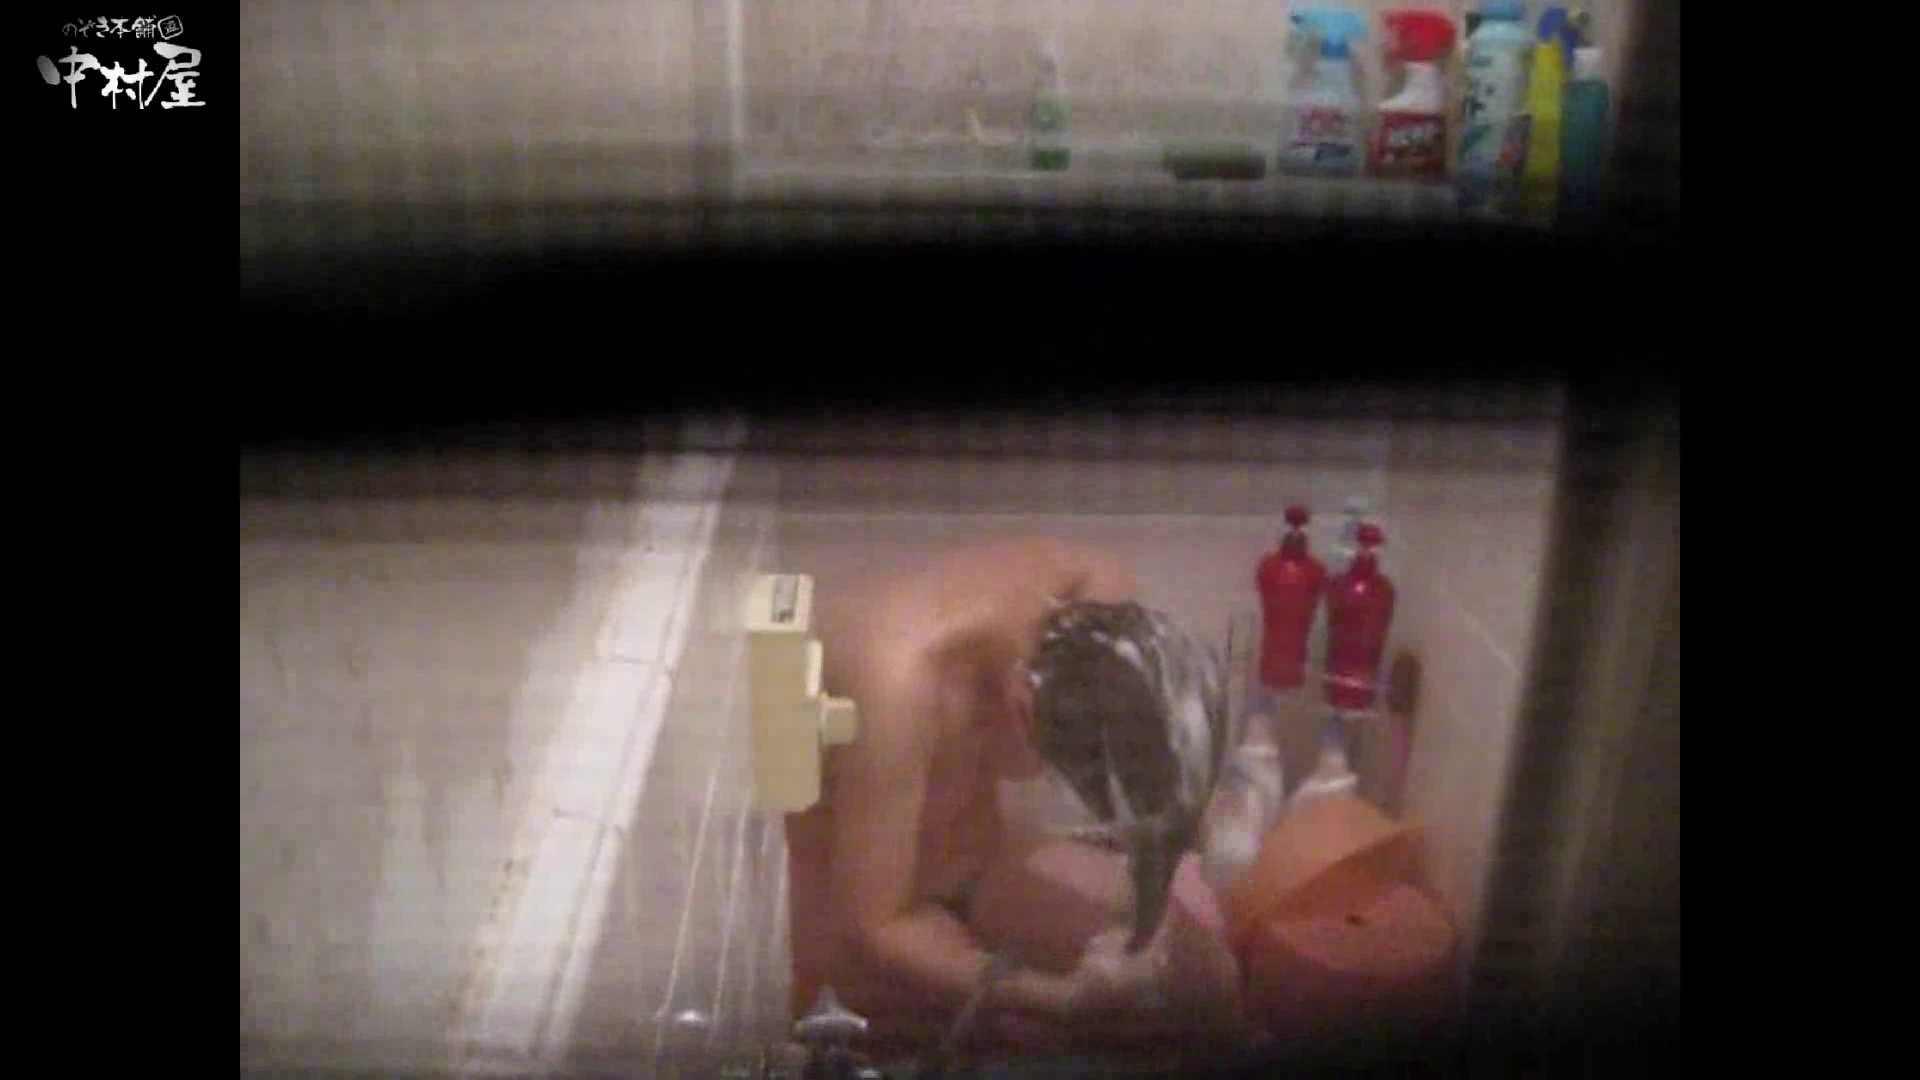 民家風呂専門盗撮師の超危険映像 vol.017 民家 盗撮動画紹介 93PICs 65